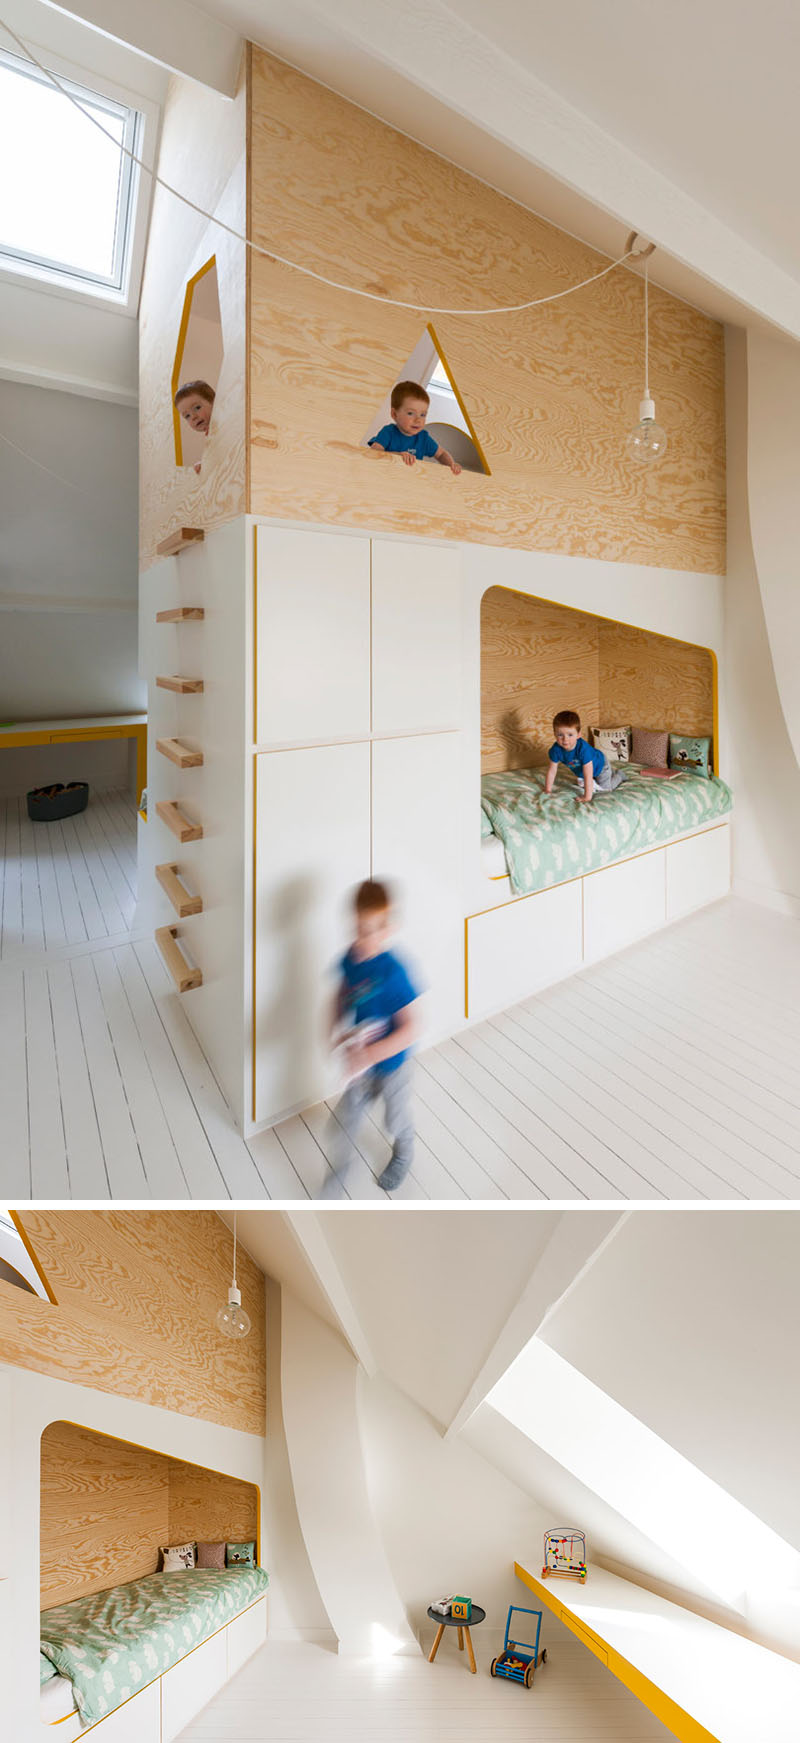 modern-custom-kids-bedroom-design-260417-1154-02.jpg